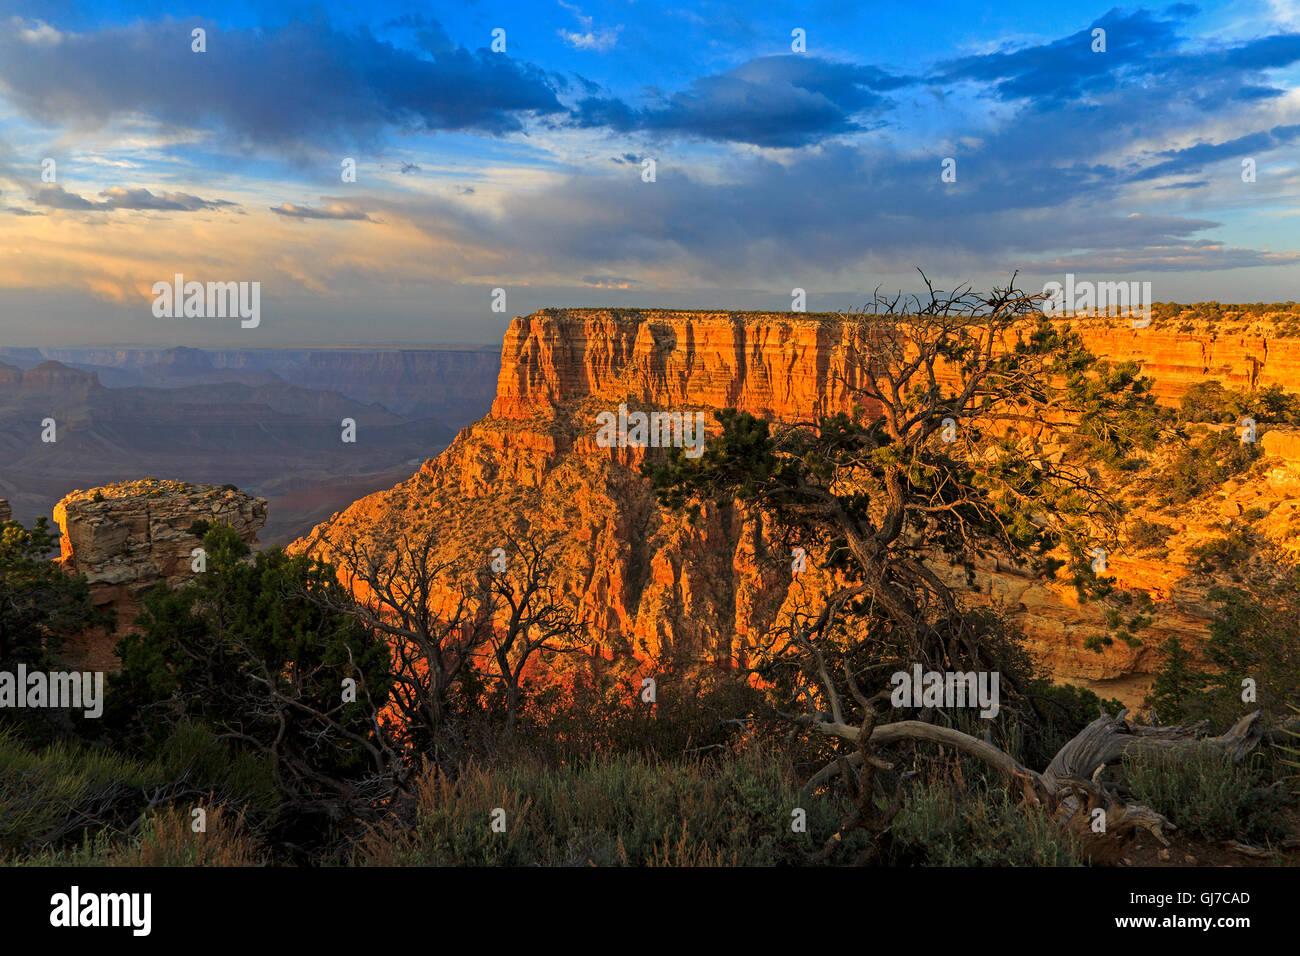 Eine beeindruckende rote Felsen Butte von der Ostseite des Moran Point in Grand Canyon Nationalpark in Arizona Stockbild